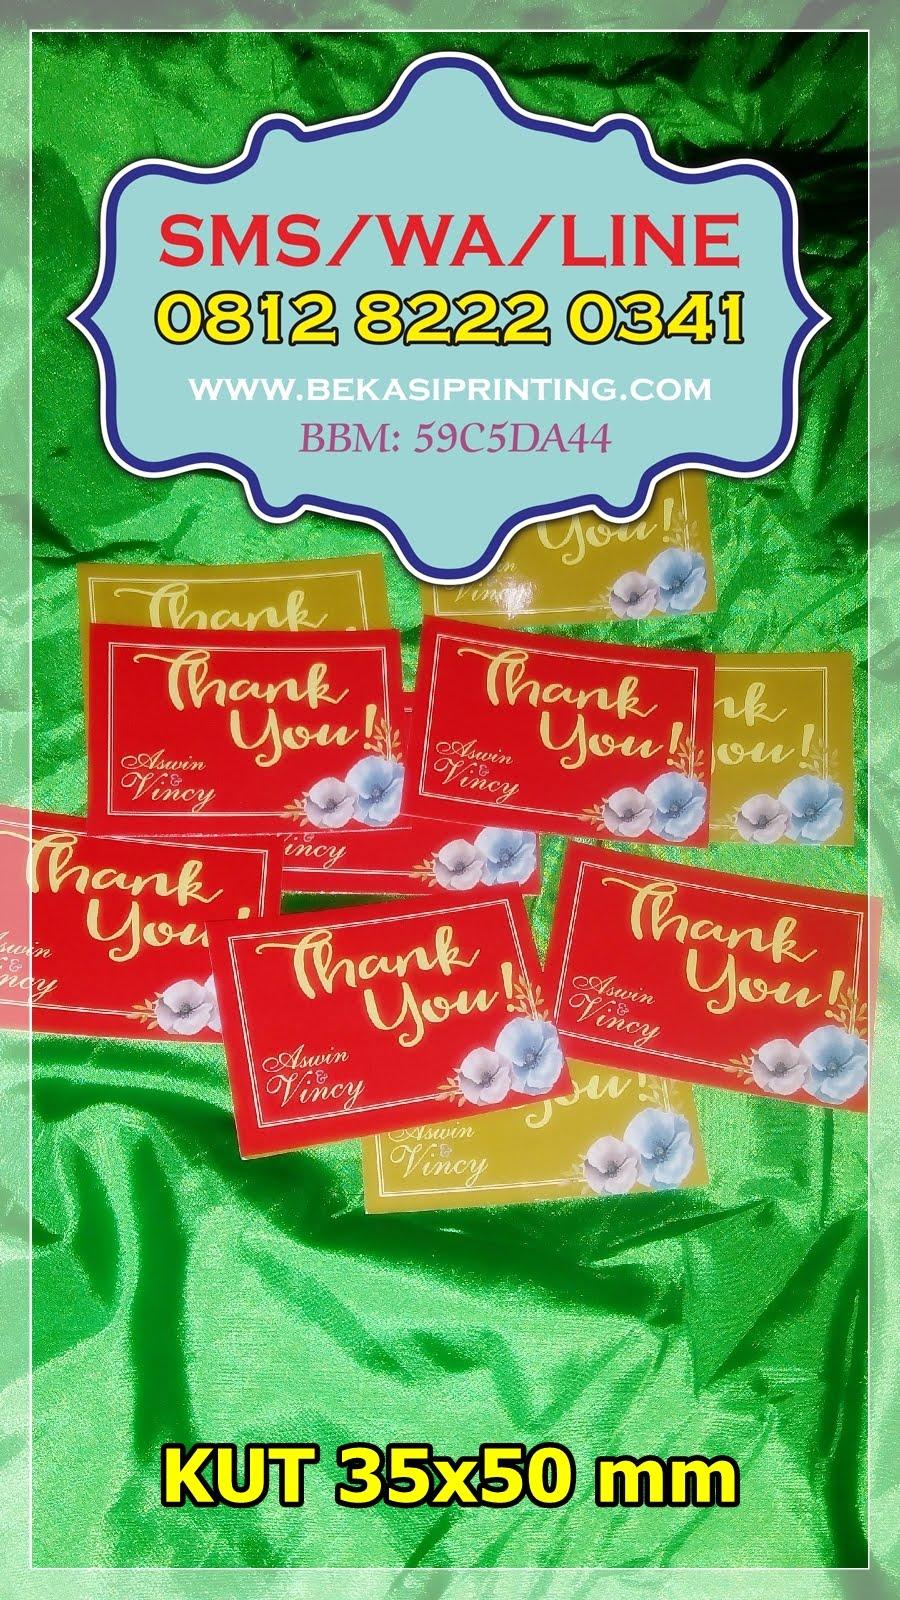 Cetak Kartu Ucapan Terima Kasih Untuk Souvenir Percetakan Bekasi Kupon Pernikahan 18 Printing